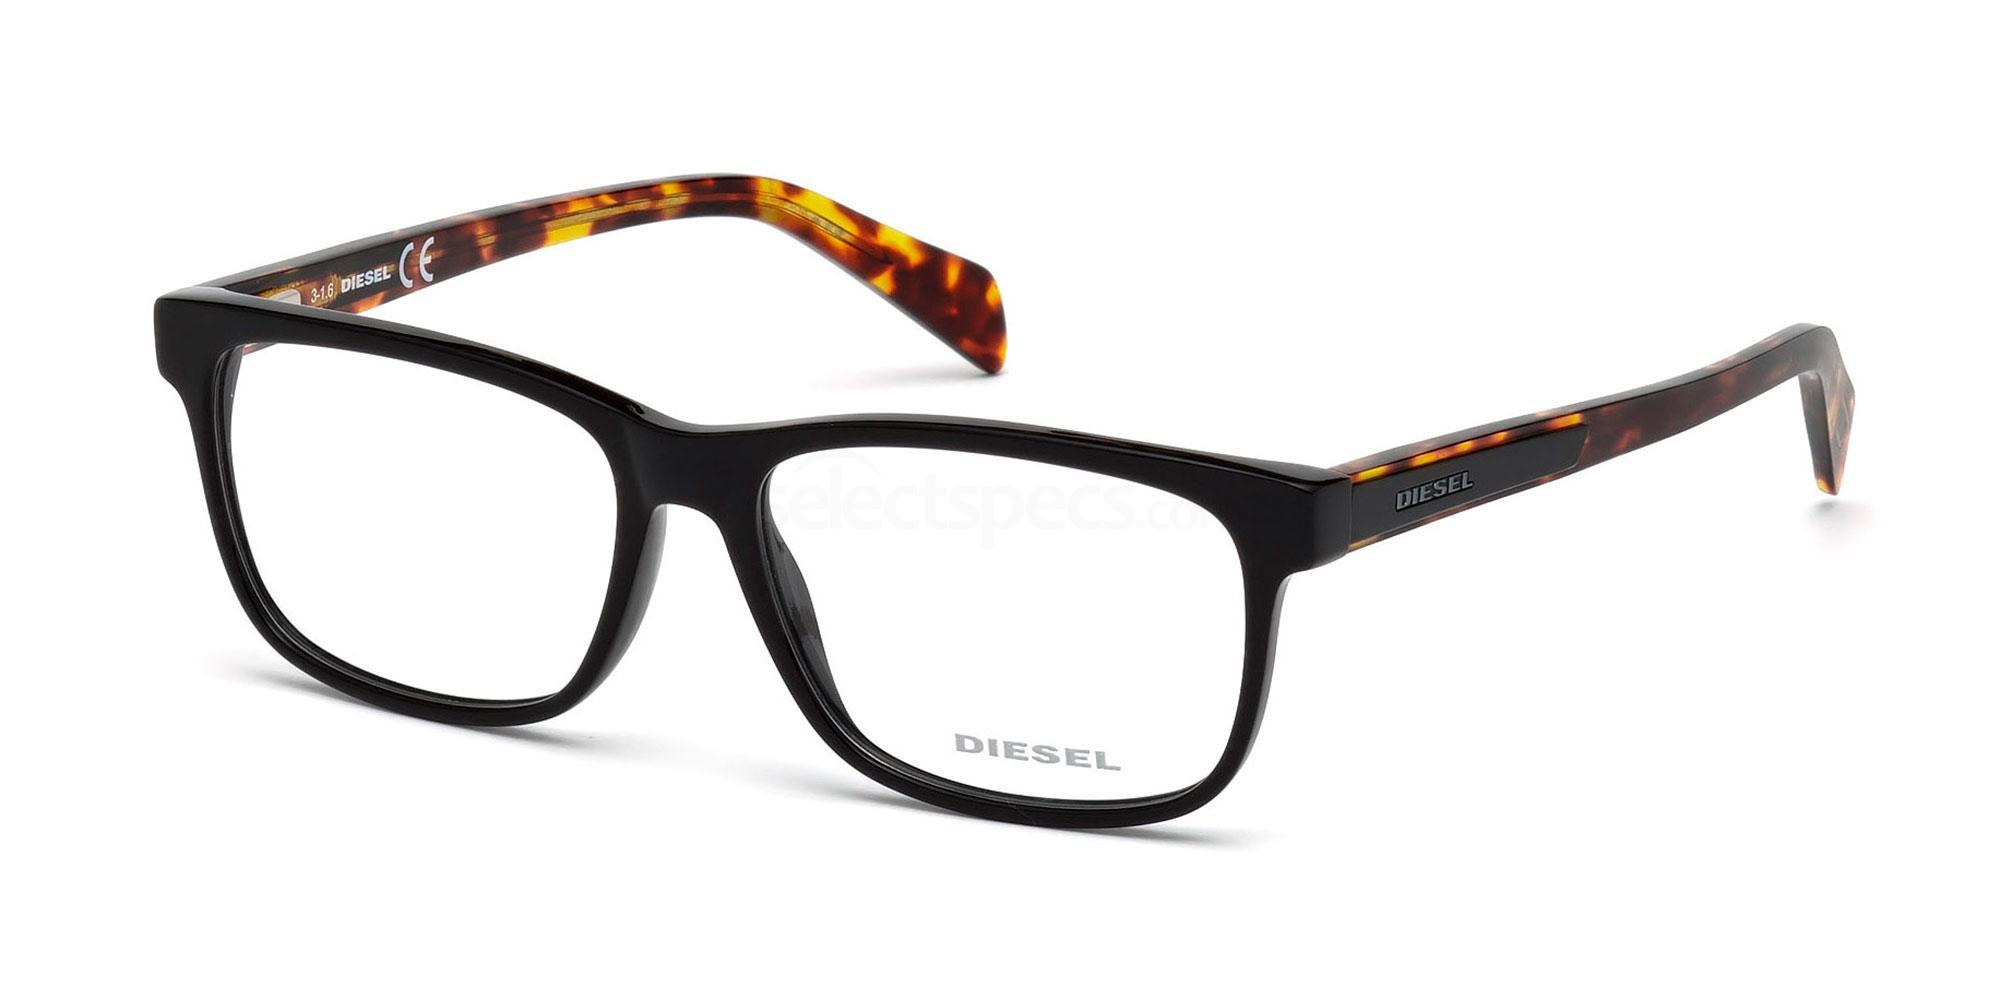 001 DL5211 Glasses, Diesel